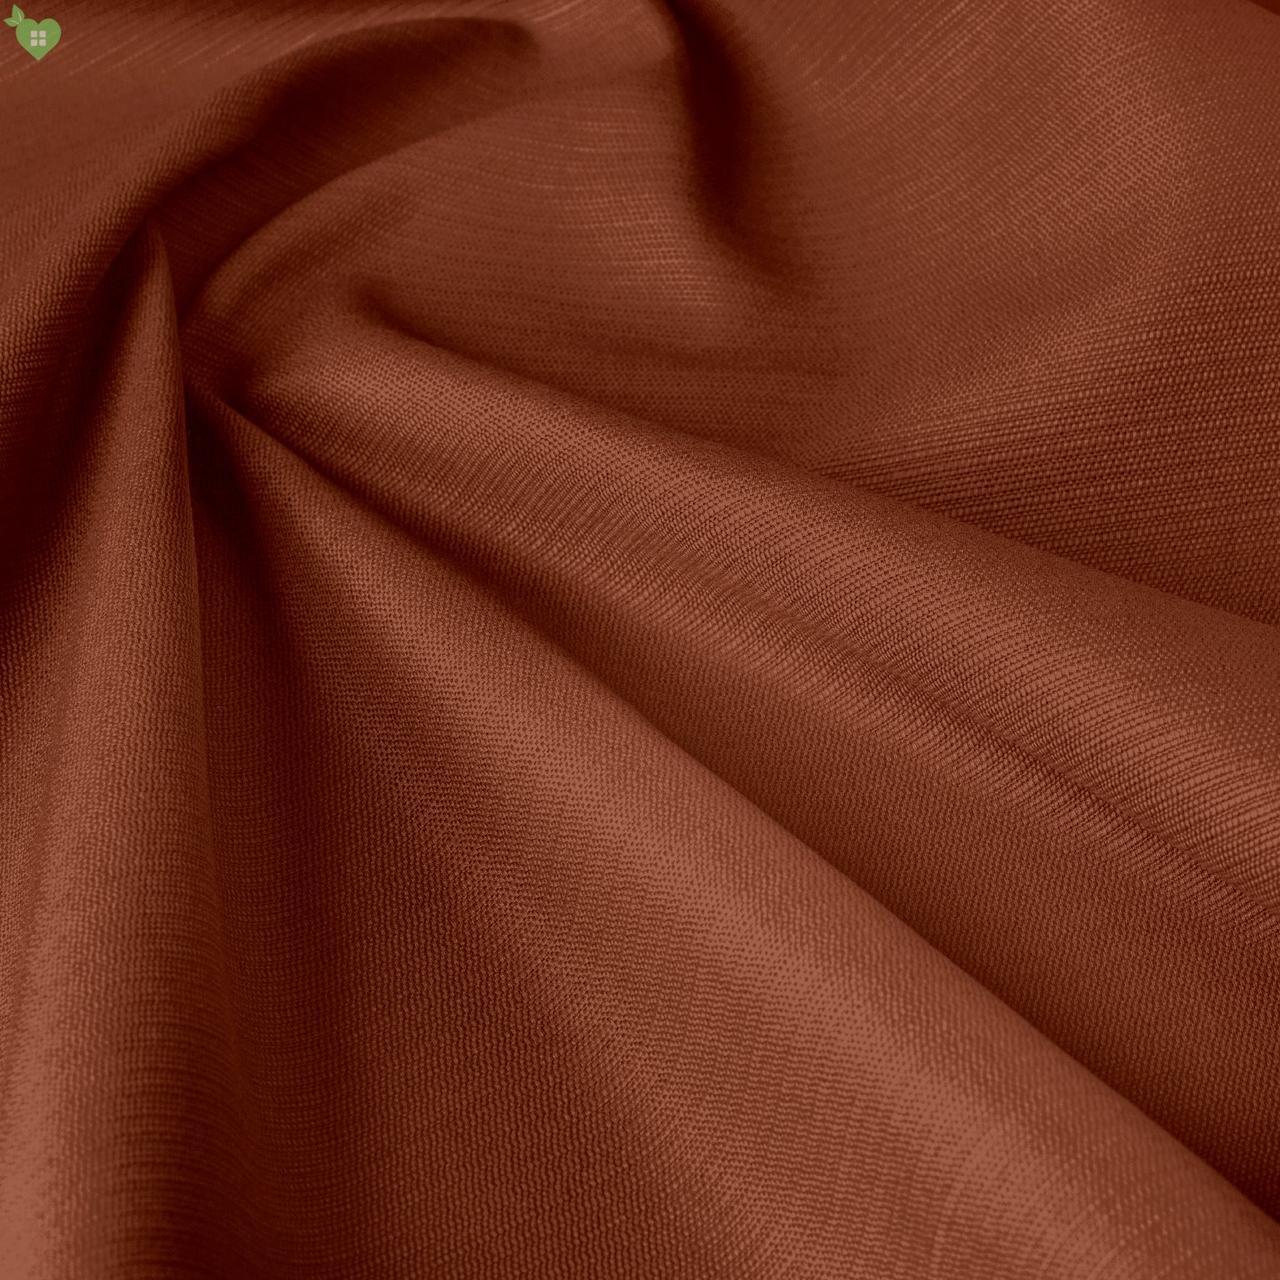 Вулична фактурна тканина коричневого кольору для літньої веранди 84318v8